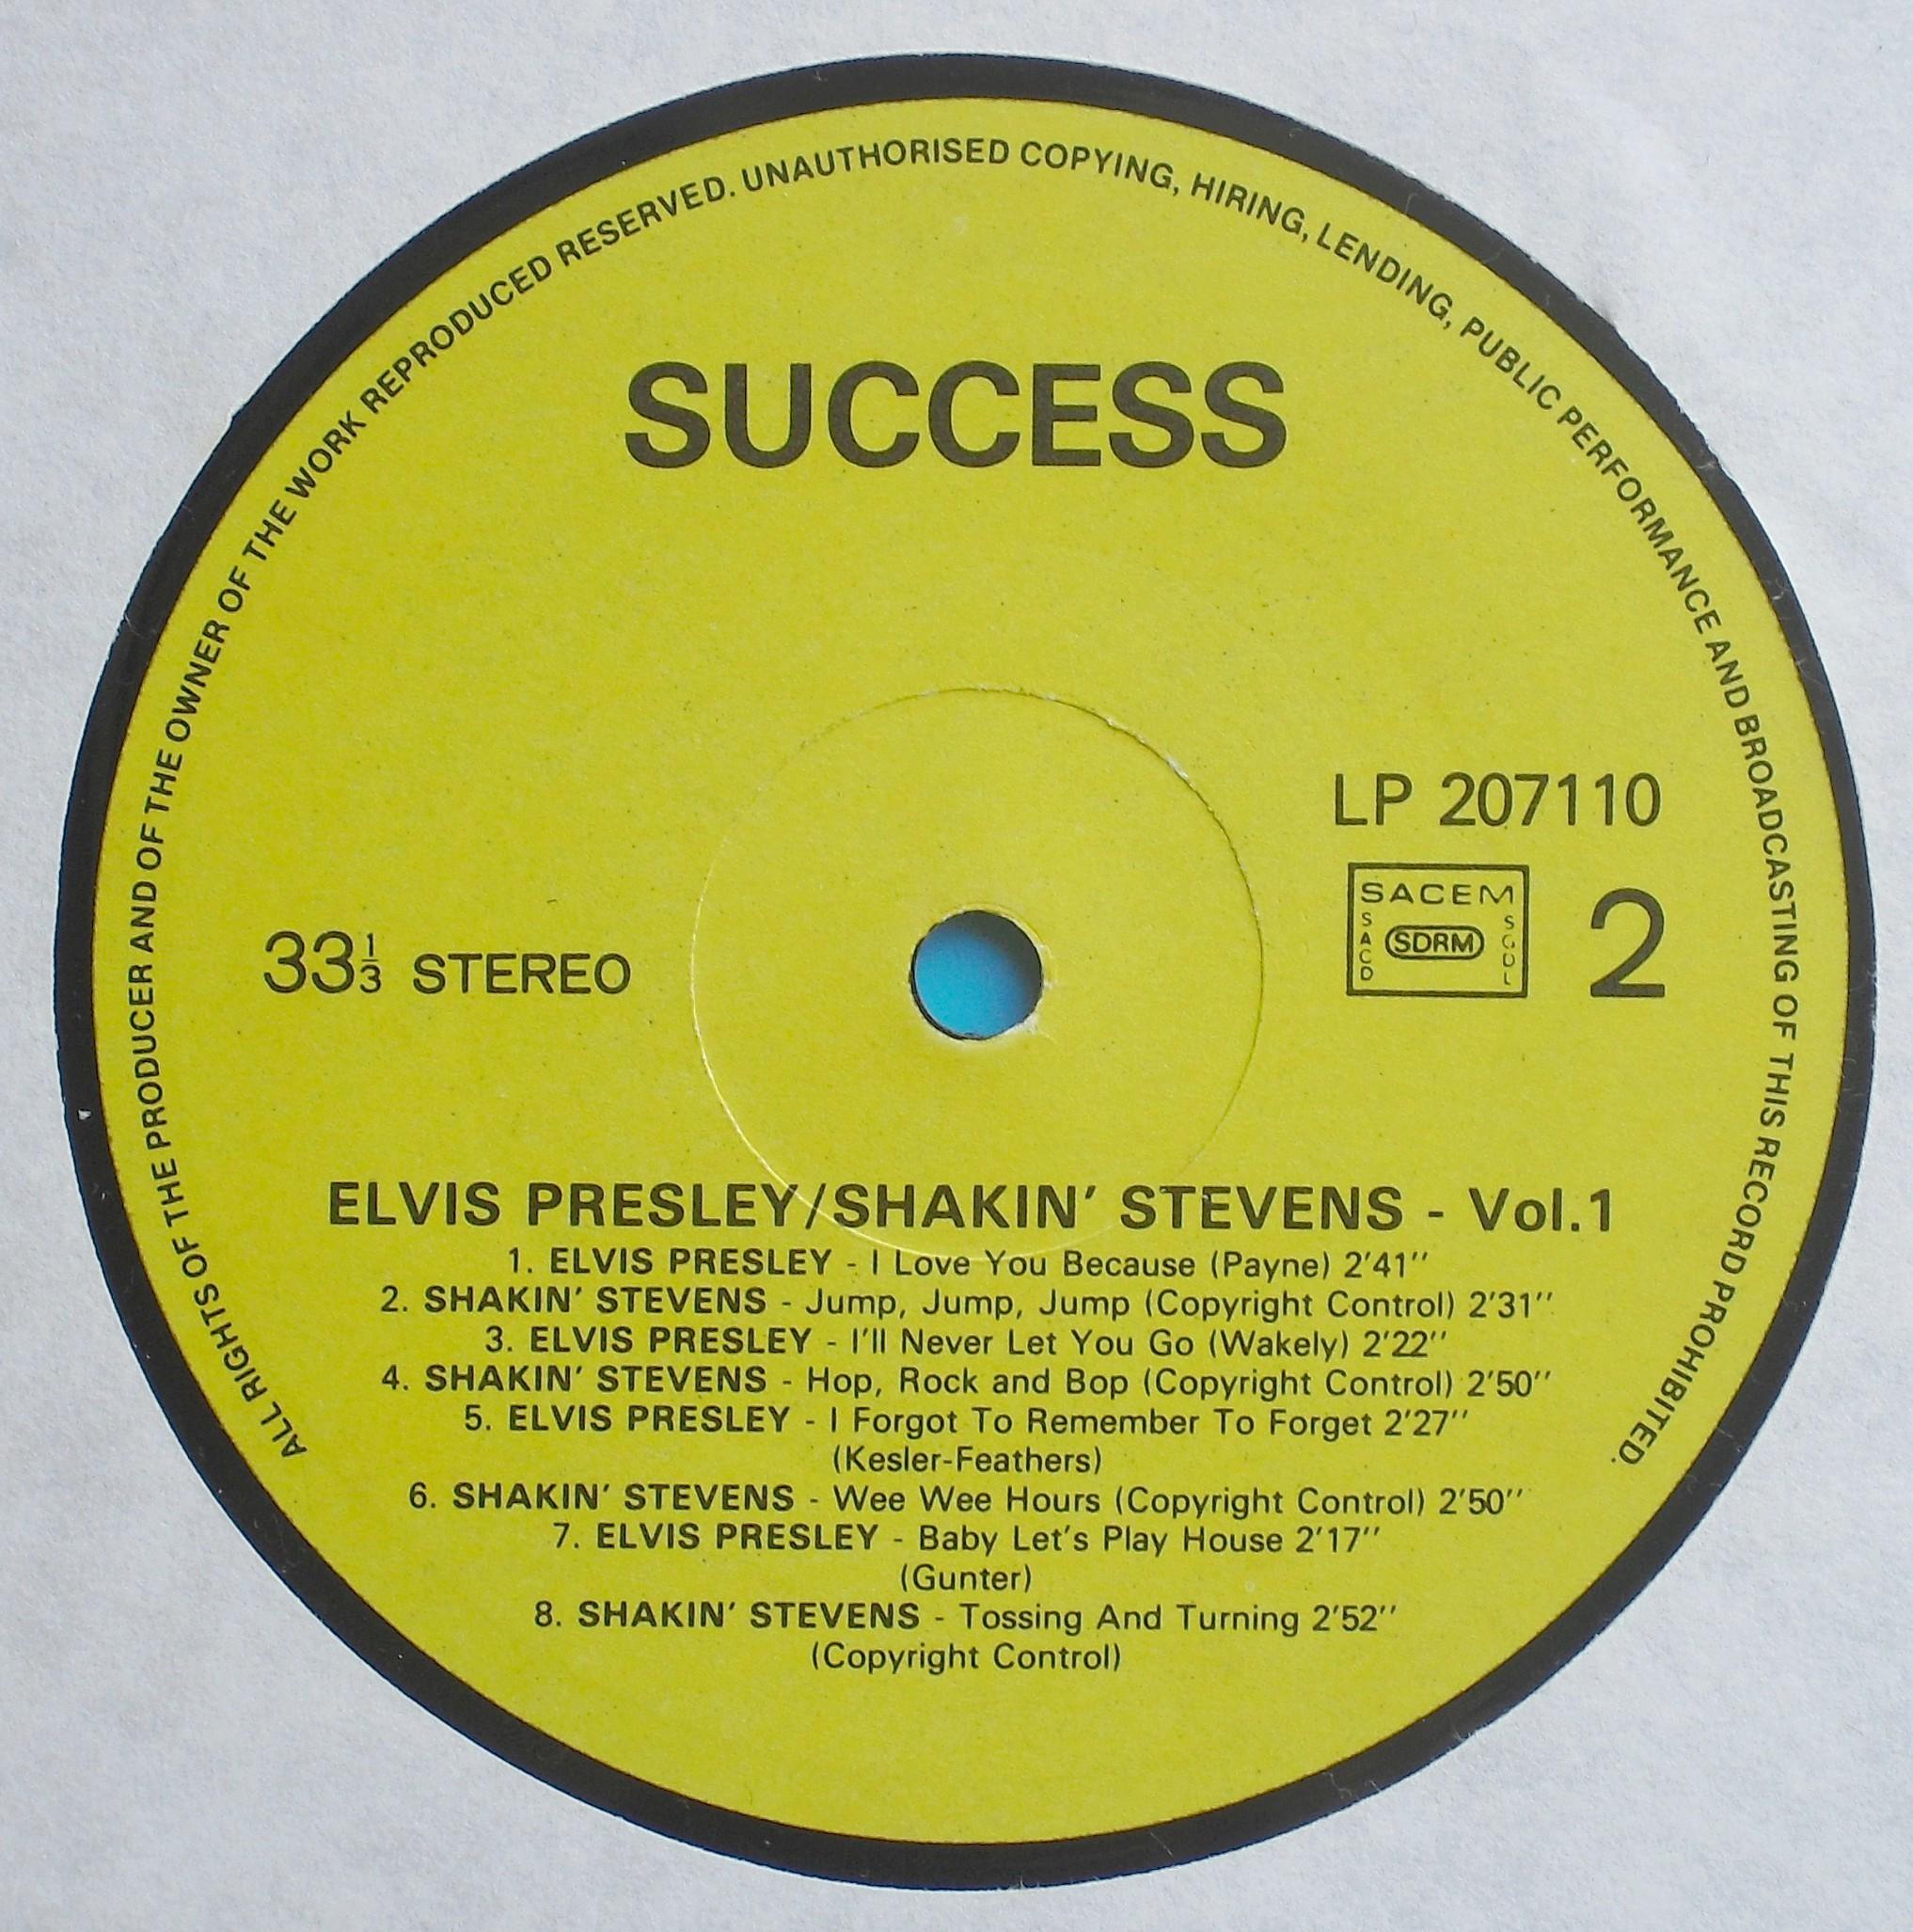 ELVIS PRESLEY & SHAKIN`STEVENS VOL. 1 03s21huh6